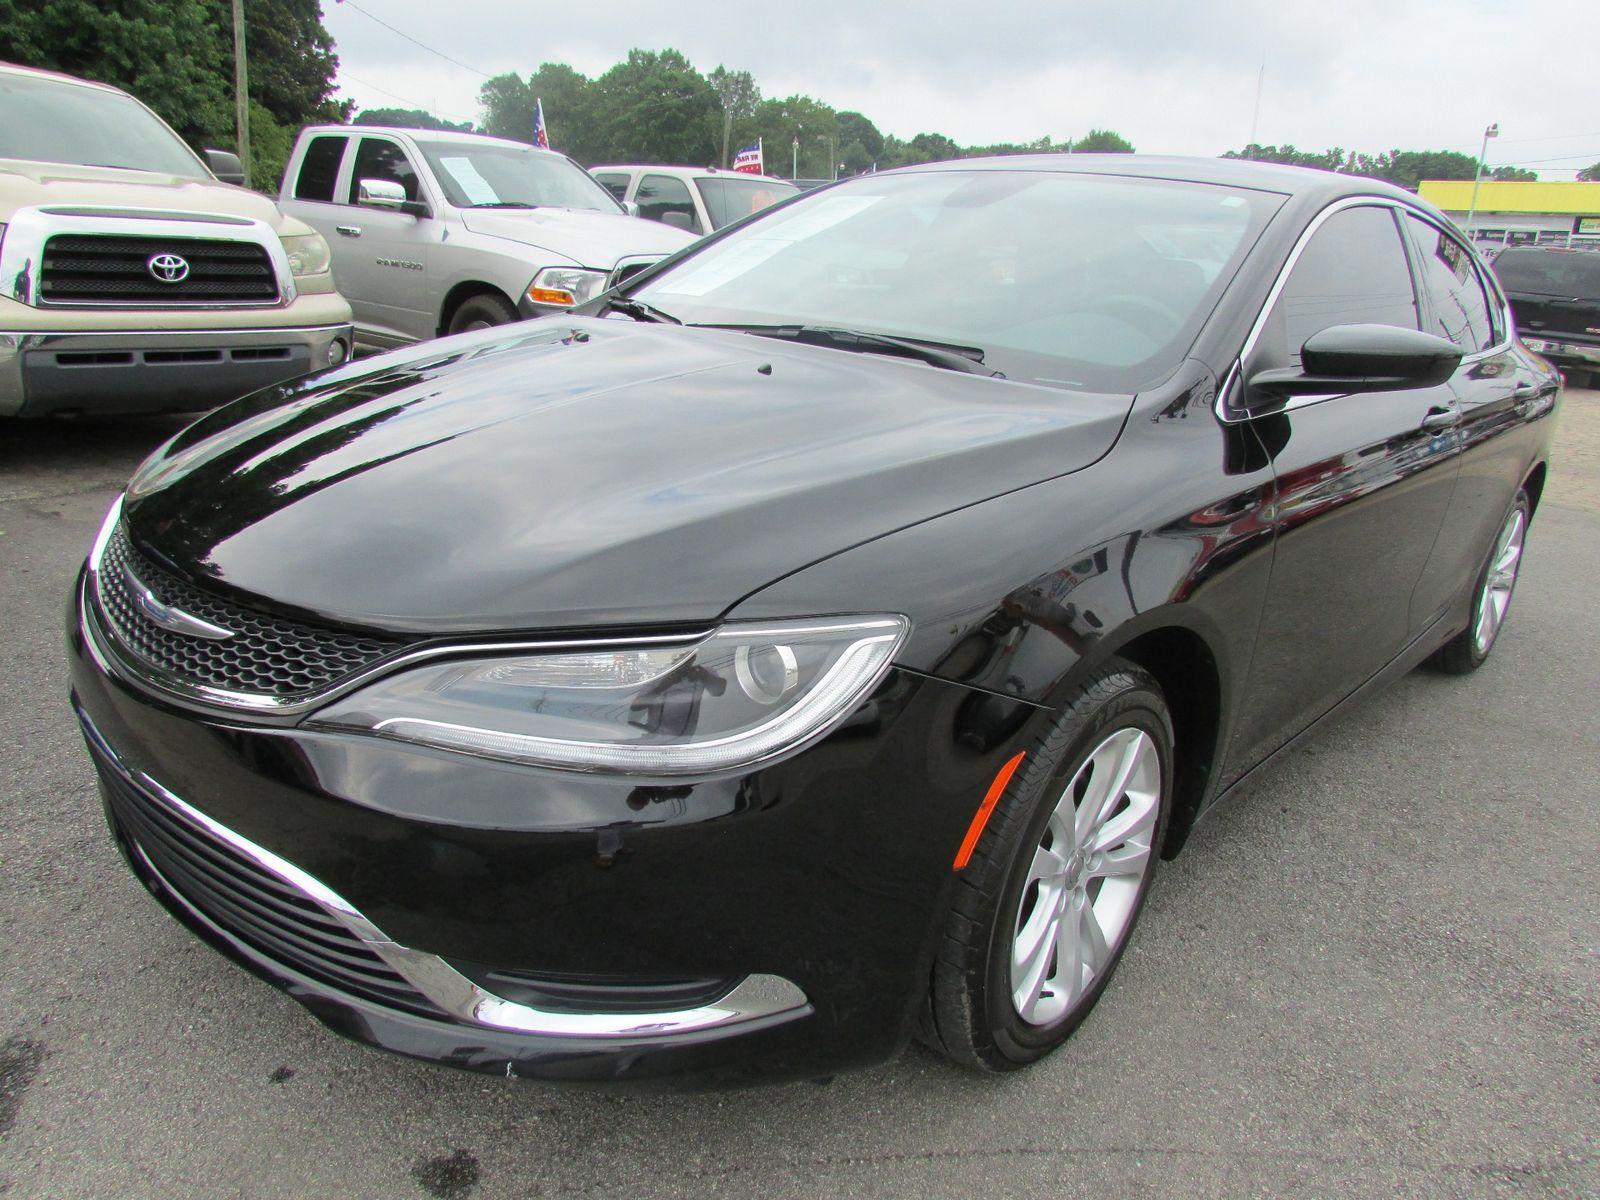 Chrysler 200: Adding Coolant